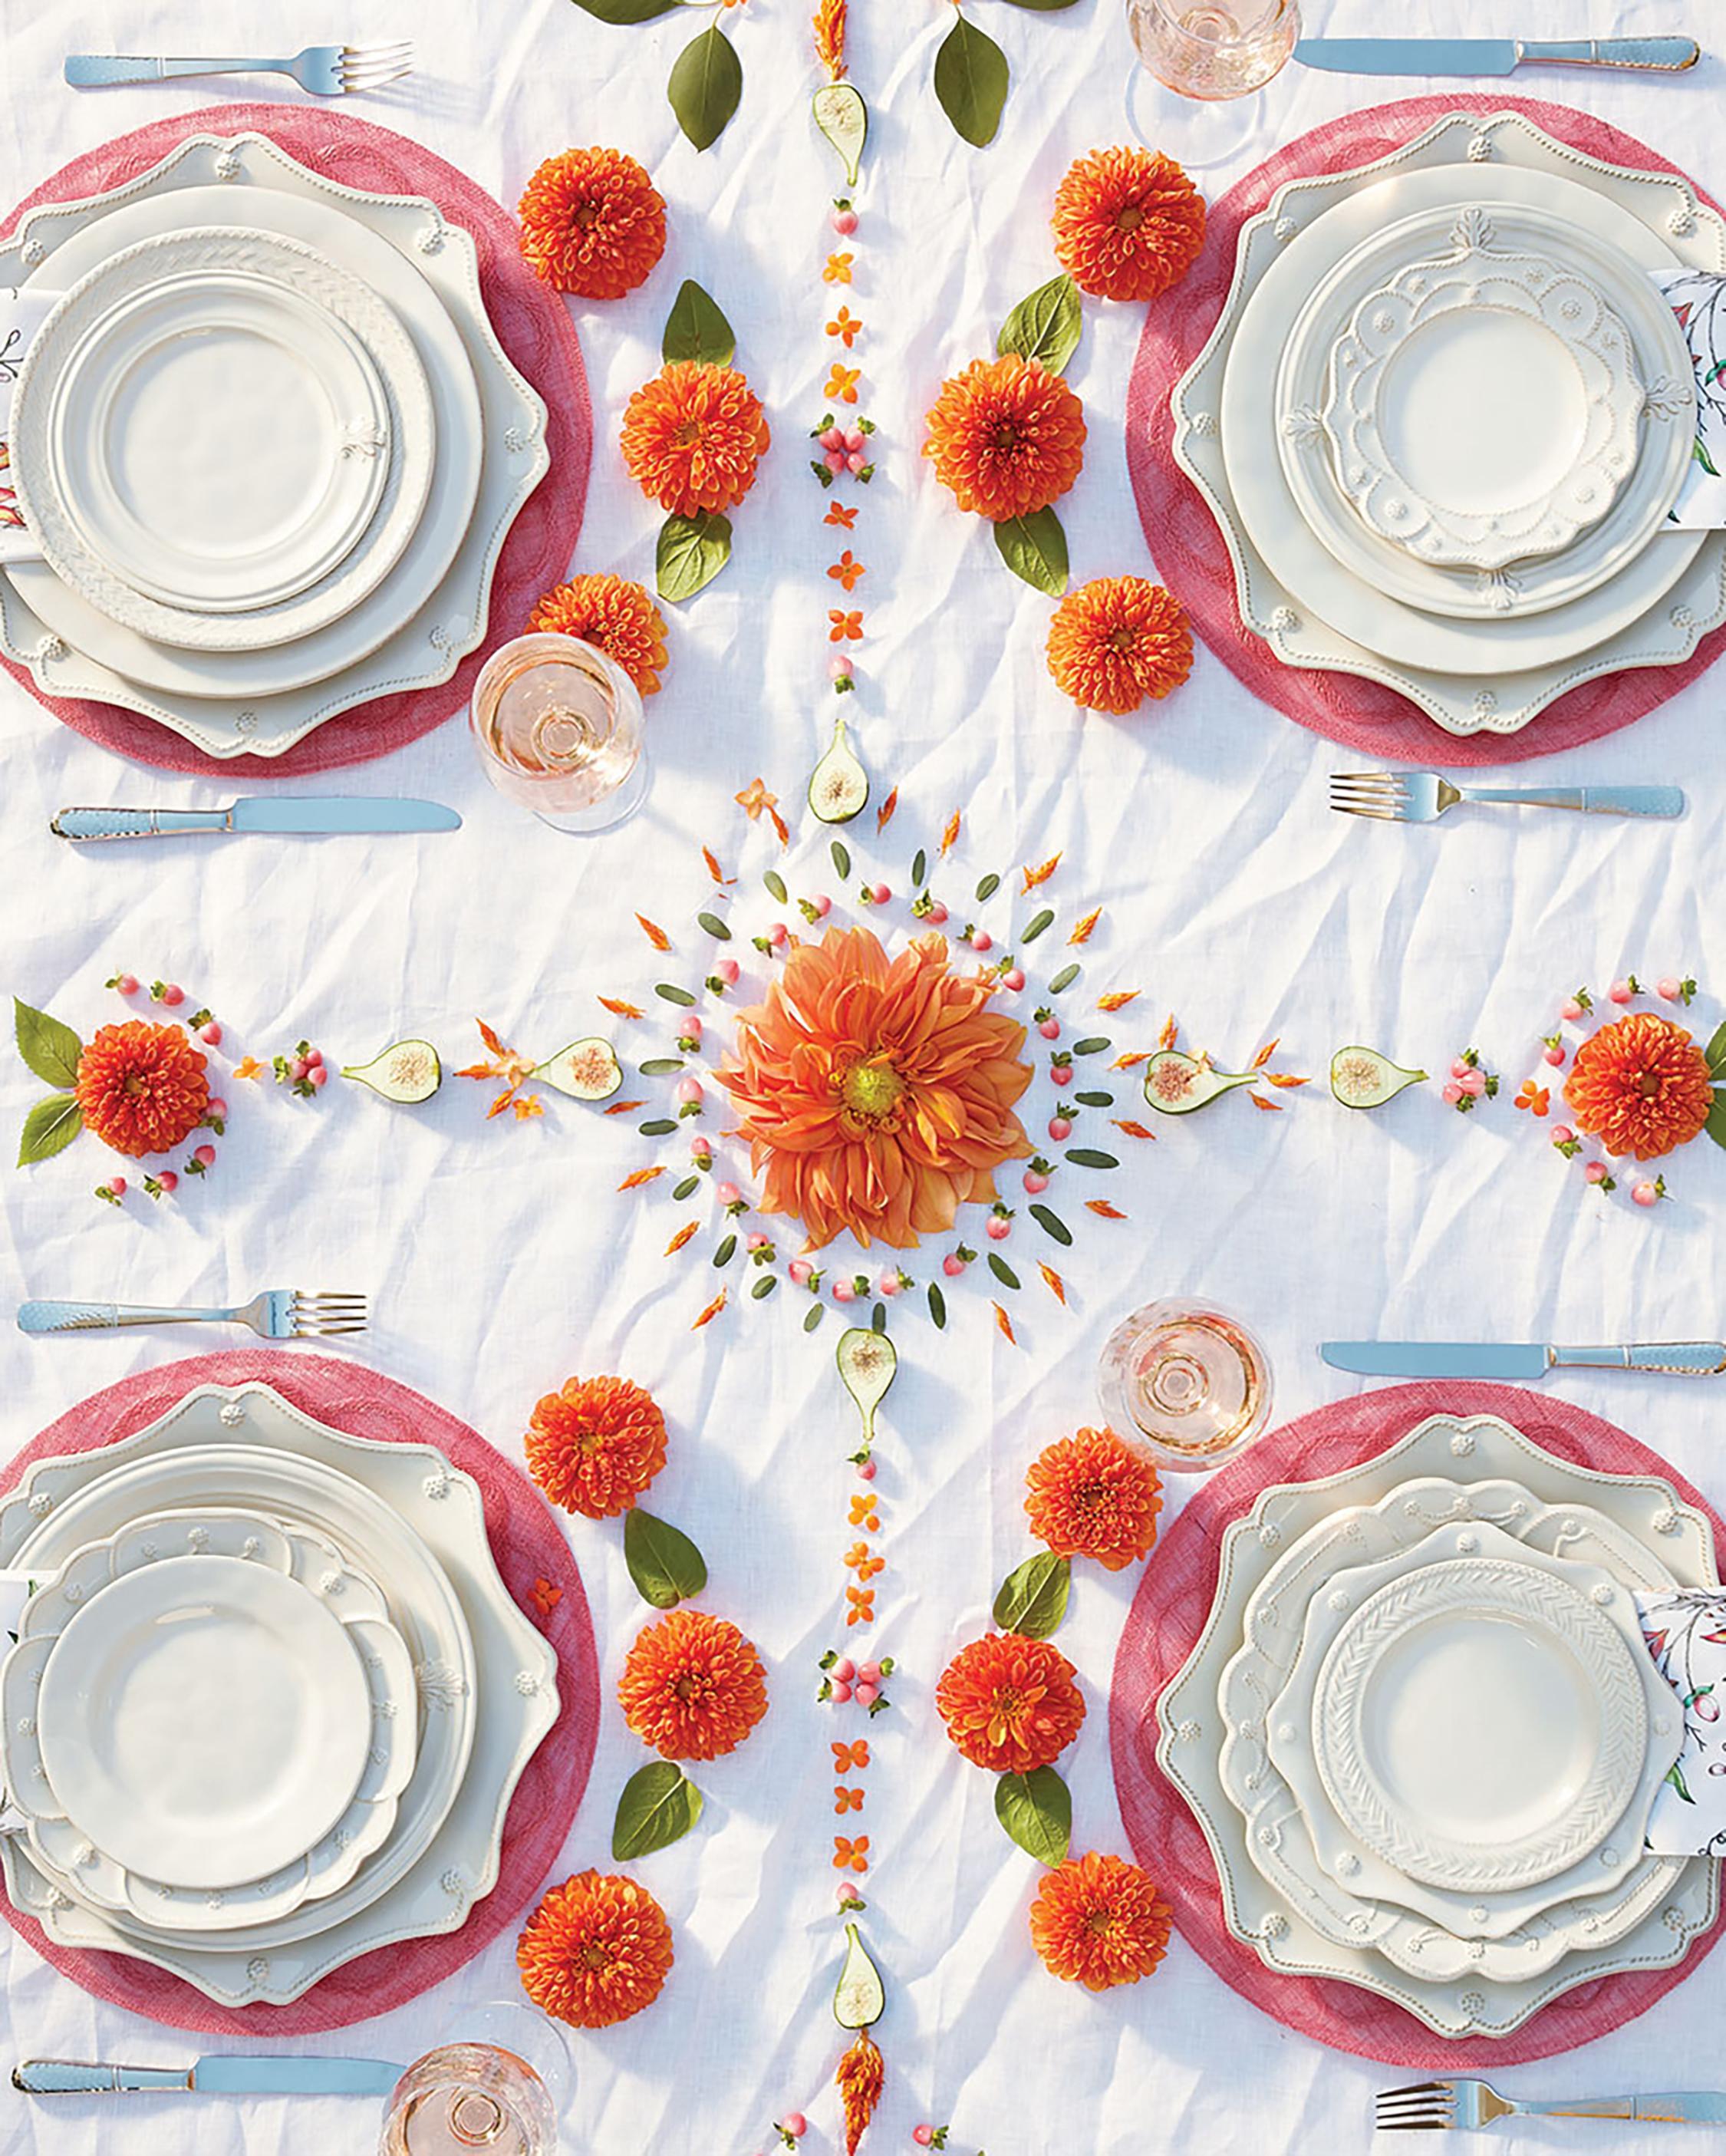 Juliska Berry & Thread Whitewash Scallop Dessert Plate 1